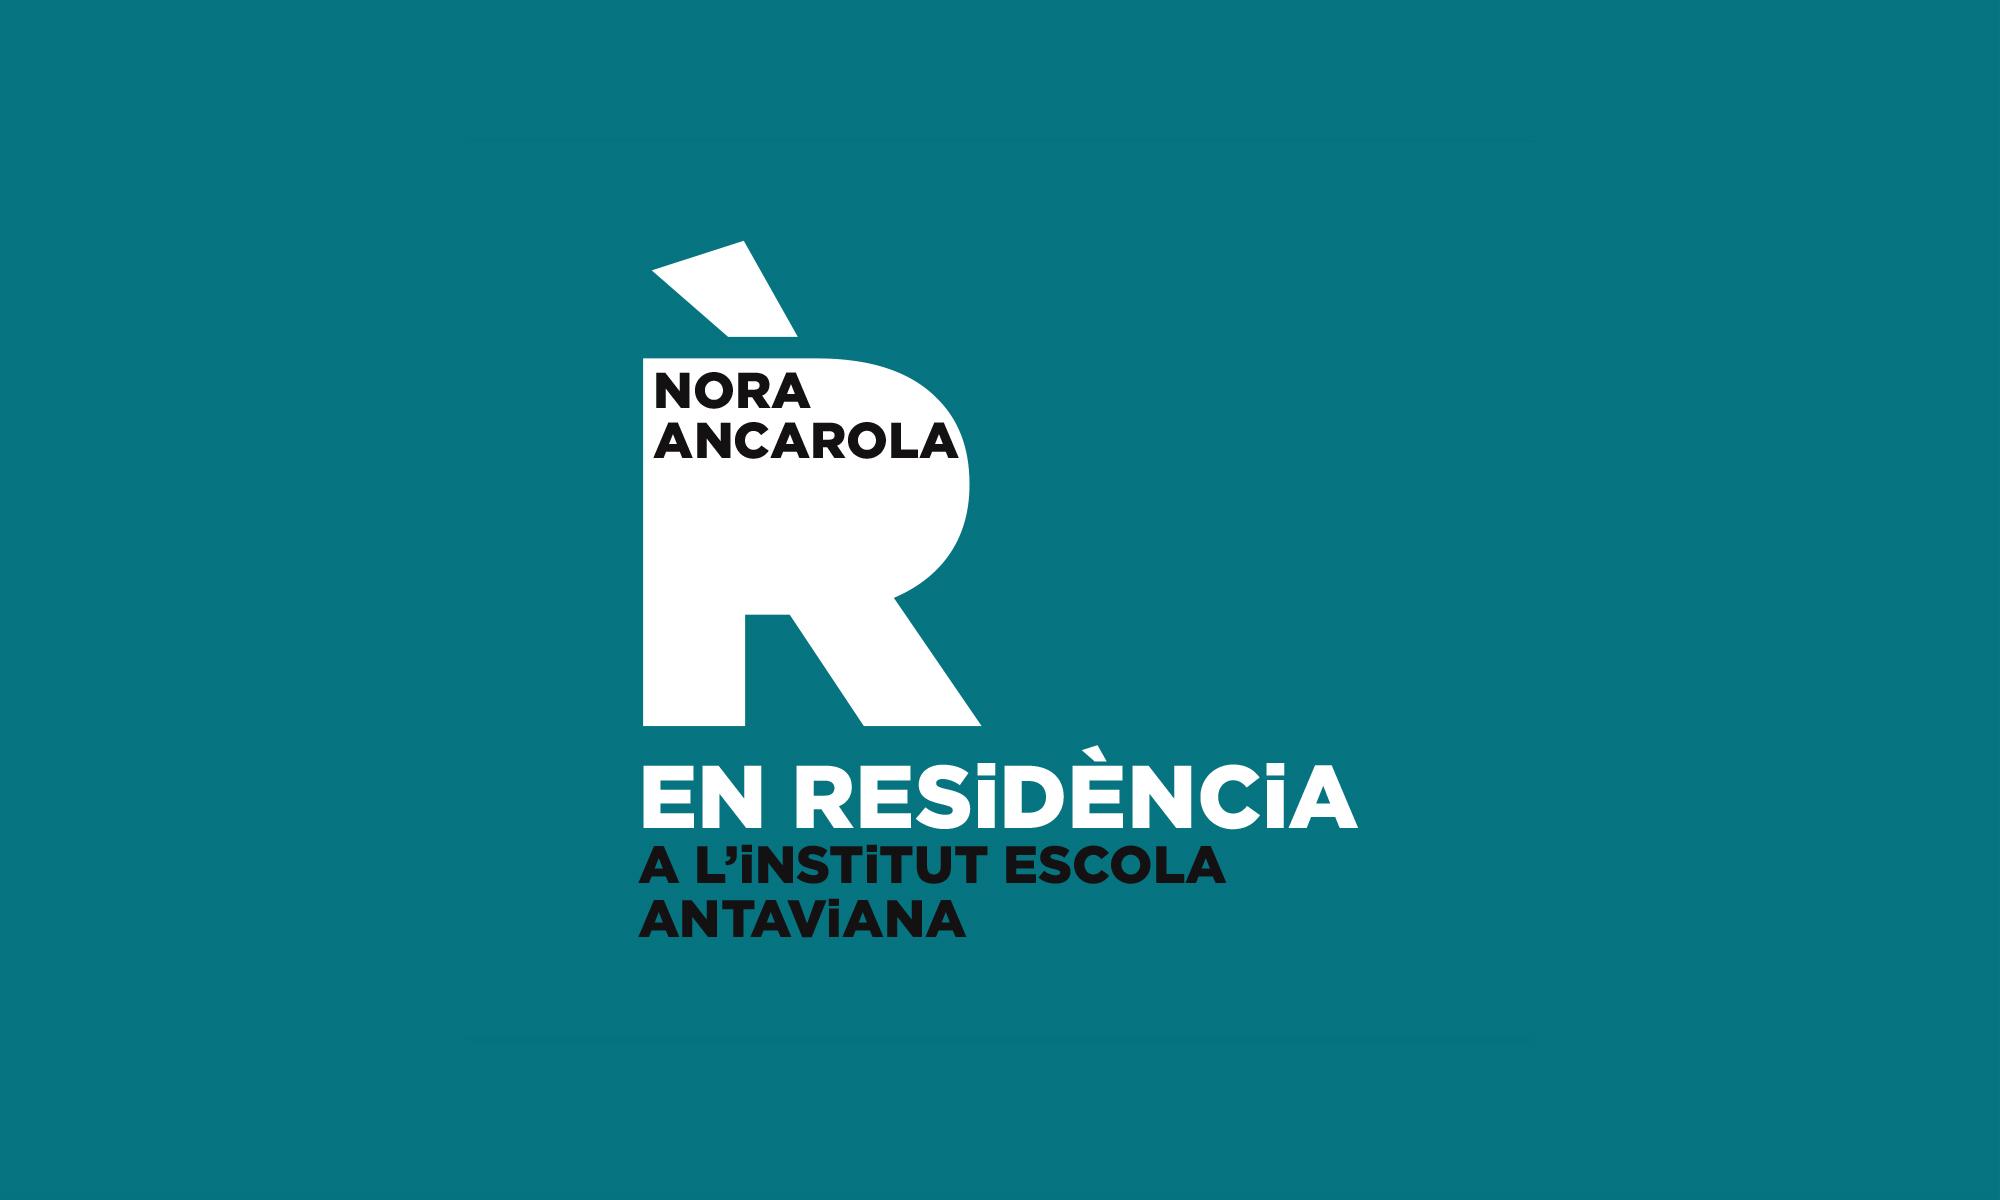 Nora Ancarola EN RESiDÈNCiA